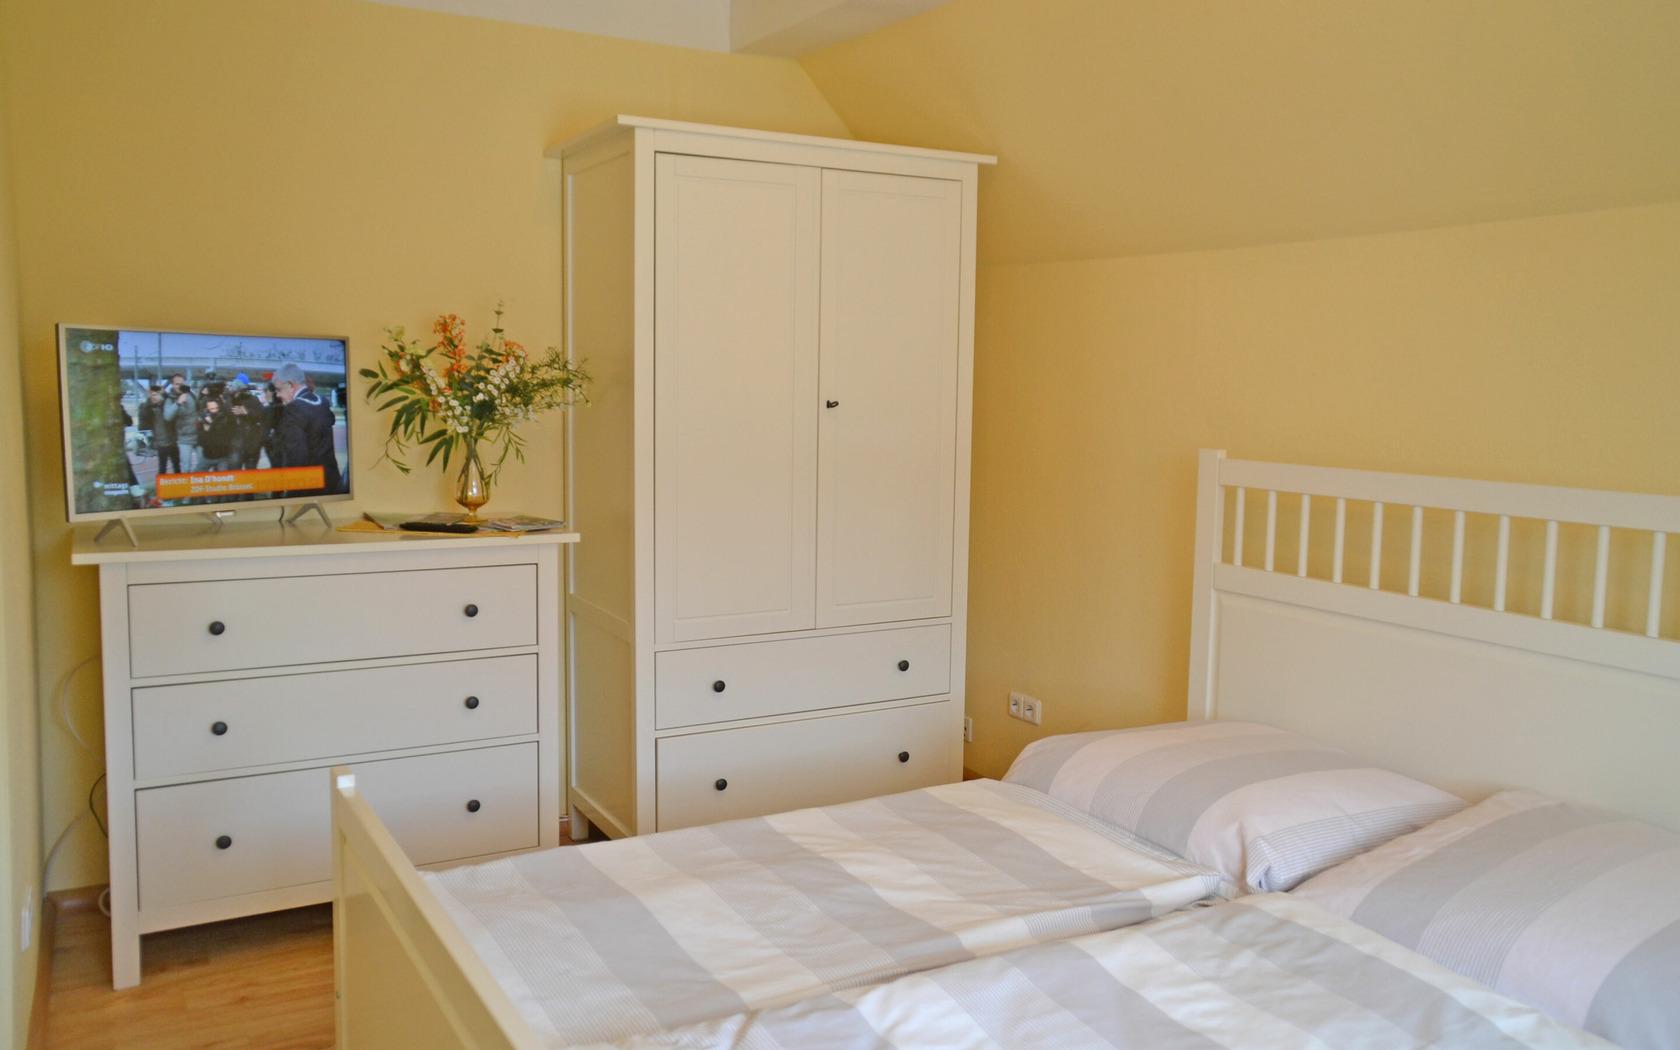 Doppelzimmer, Foto: MuT Guben